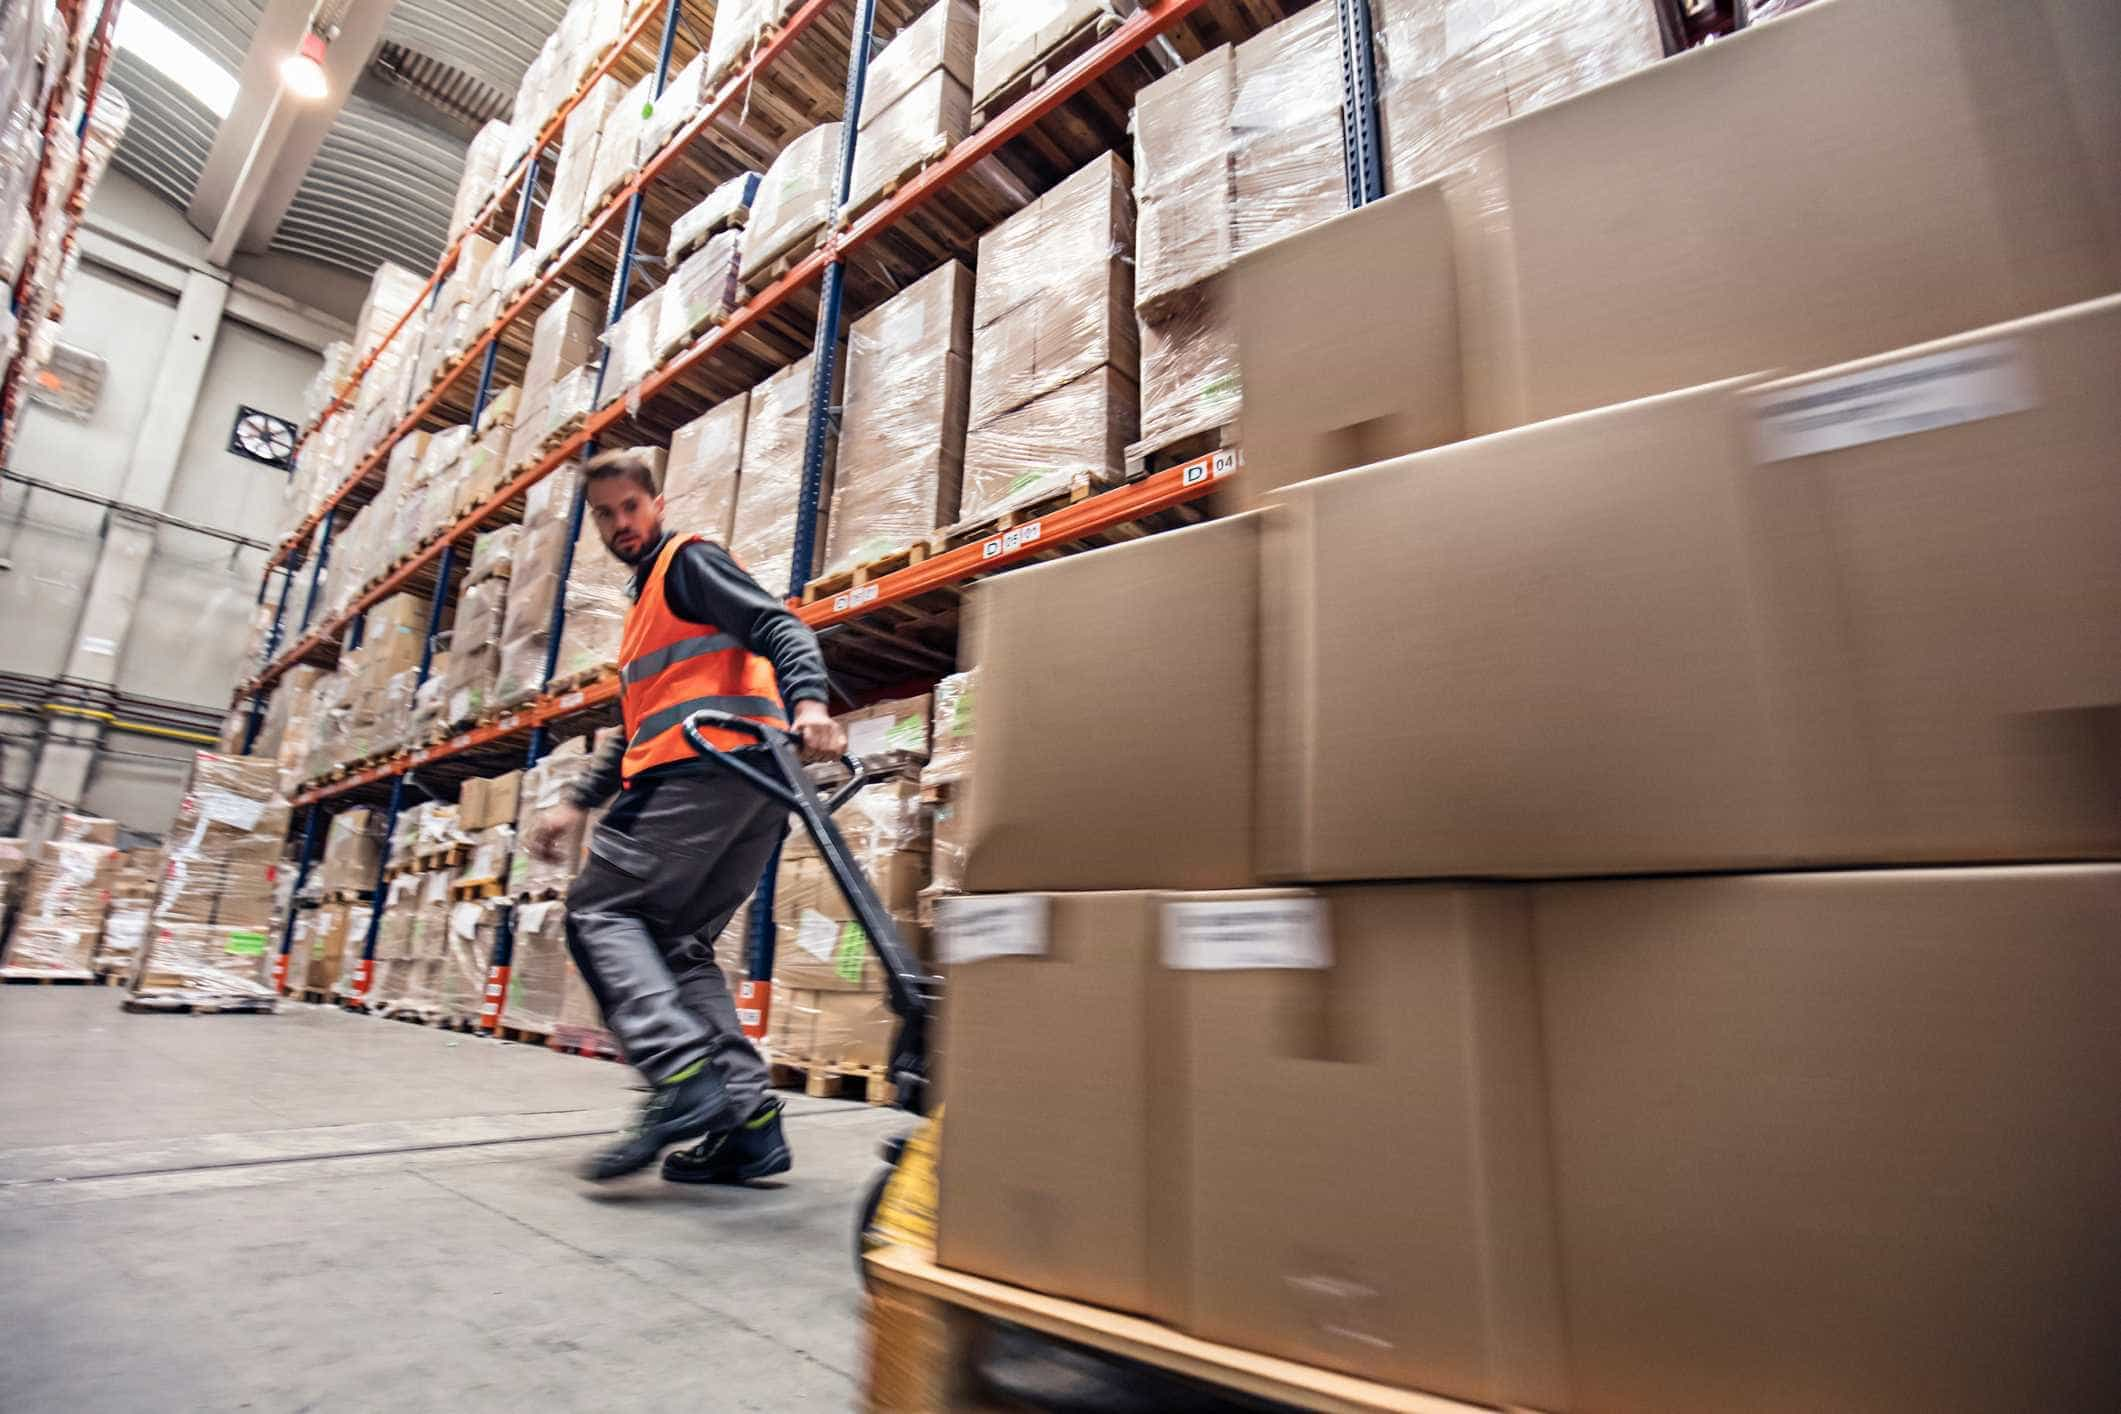 Operadora de correios espanhola vai entregar encomendas em Portugal